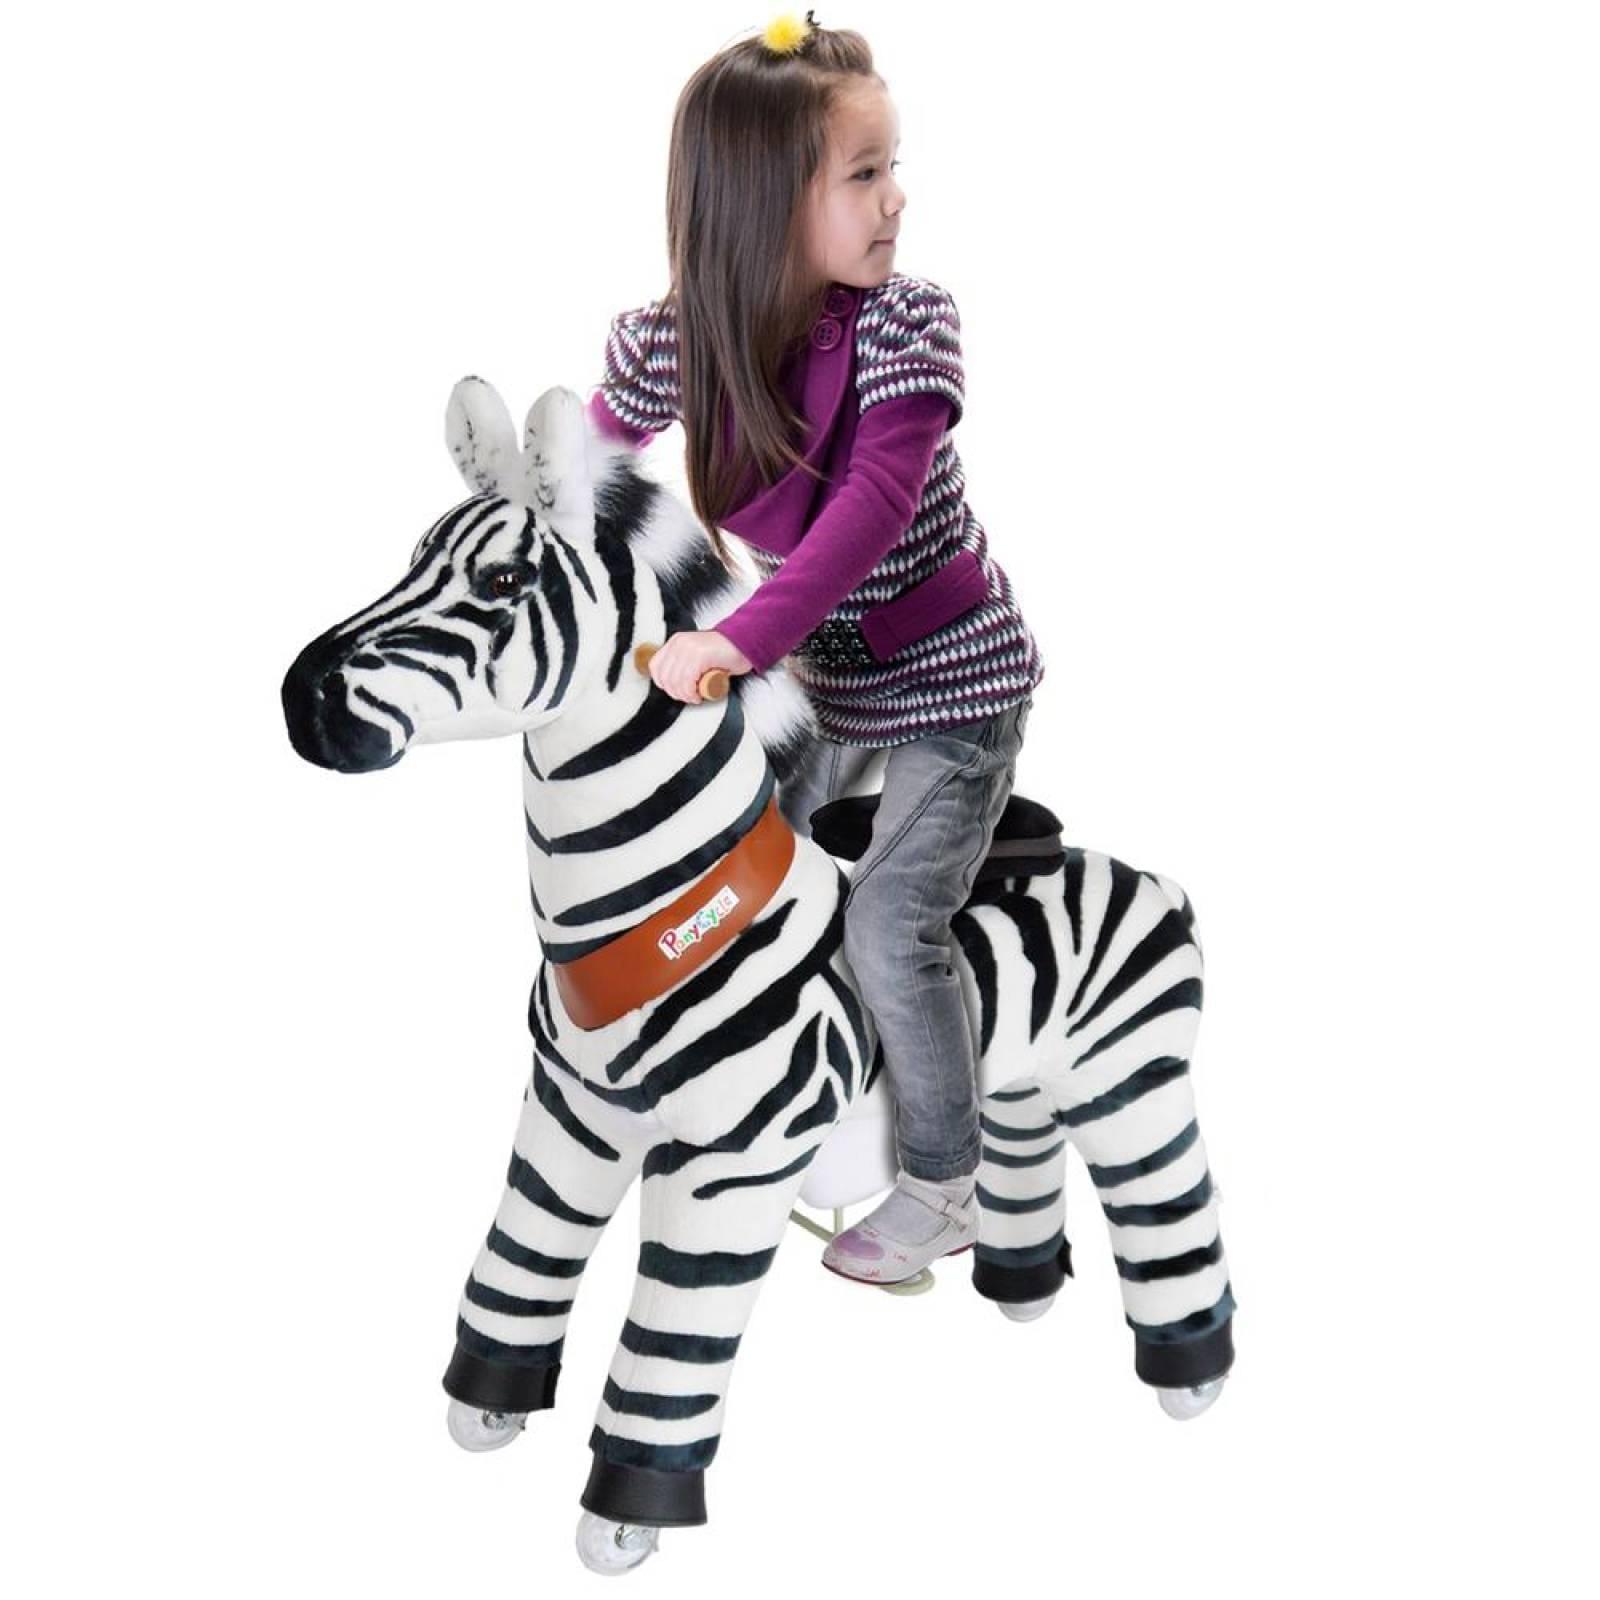 Cebra Montable Pony Cycle Con Ruedas Para Niños Edad 4 A 9(CL)